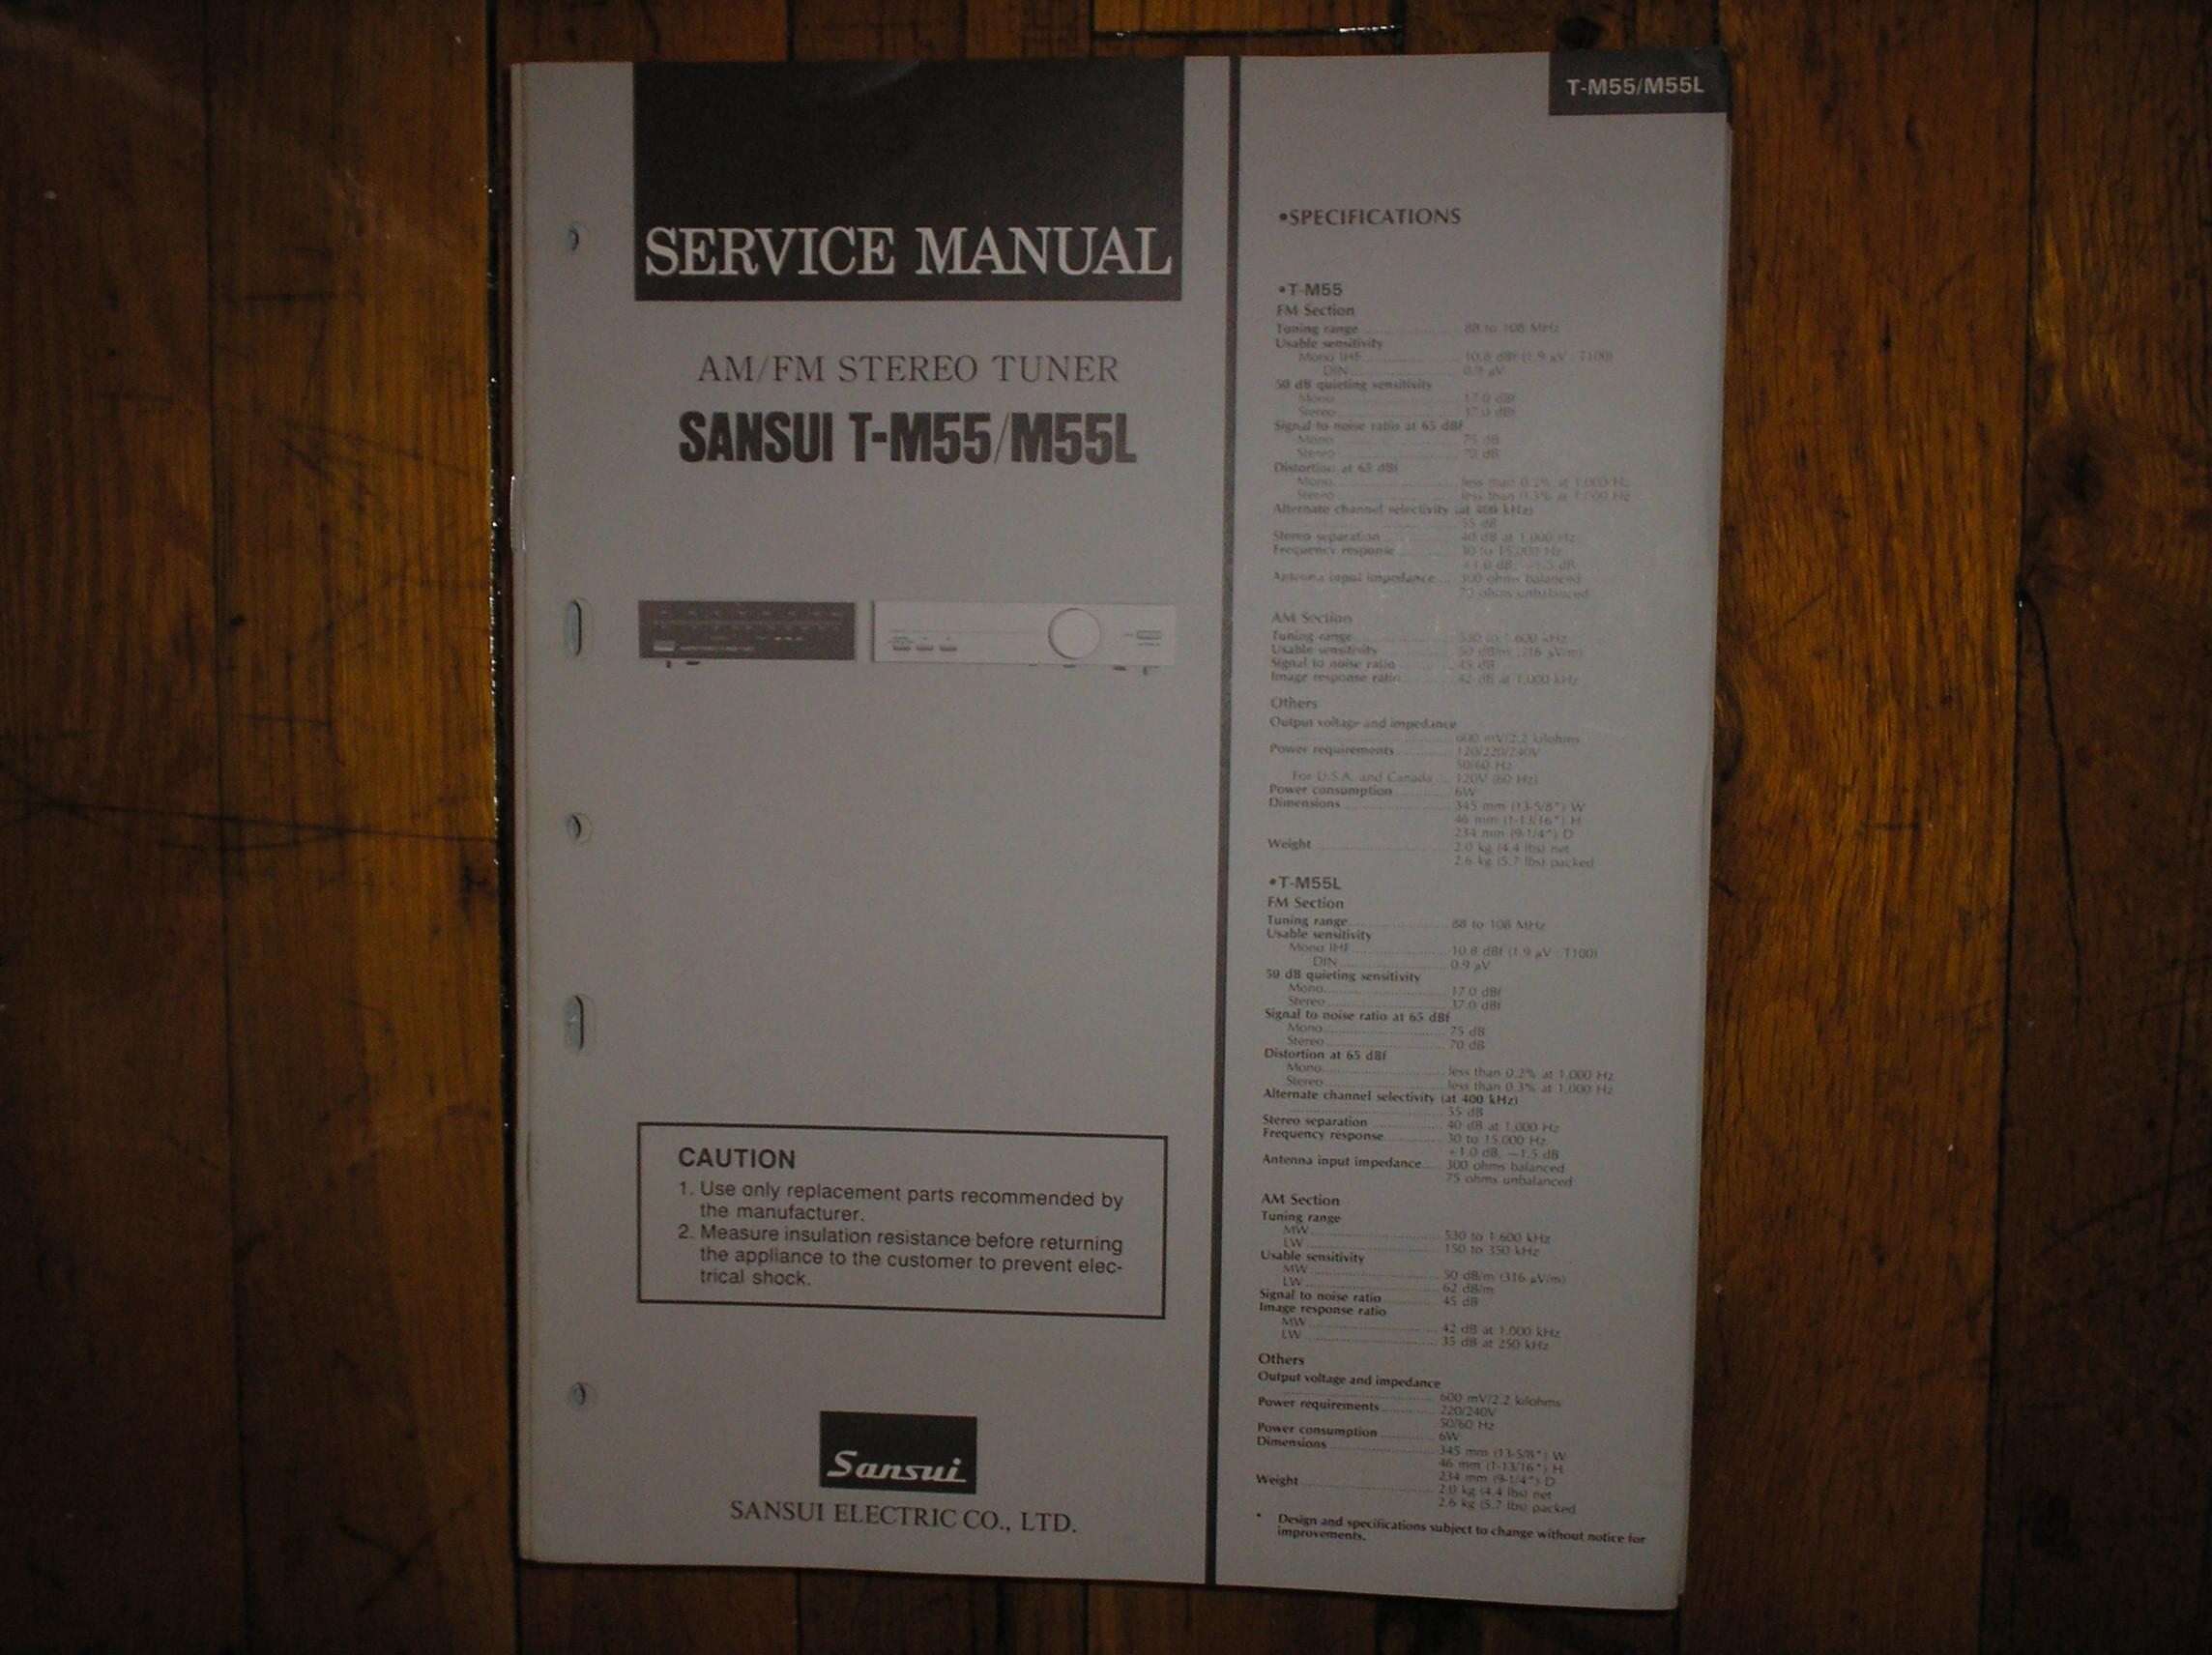 T-M55 T-M55L Tuner Service Manual